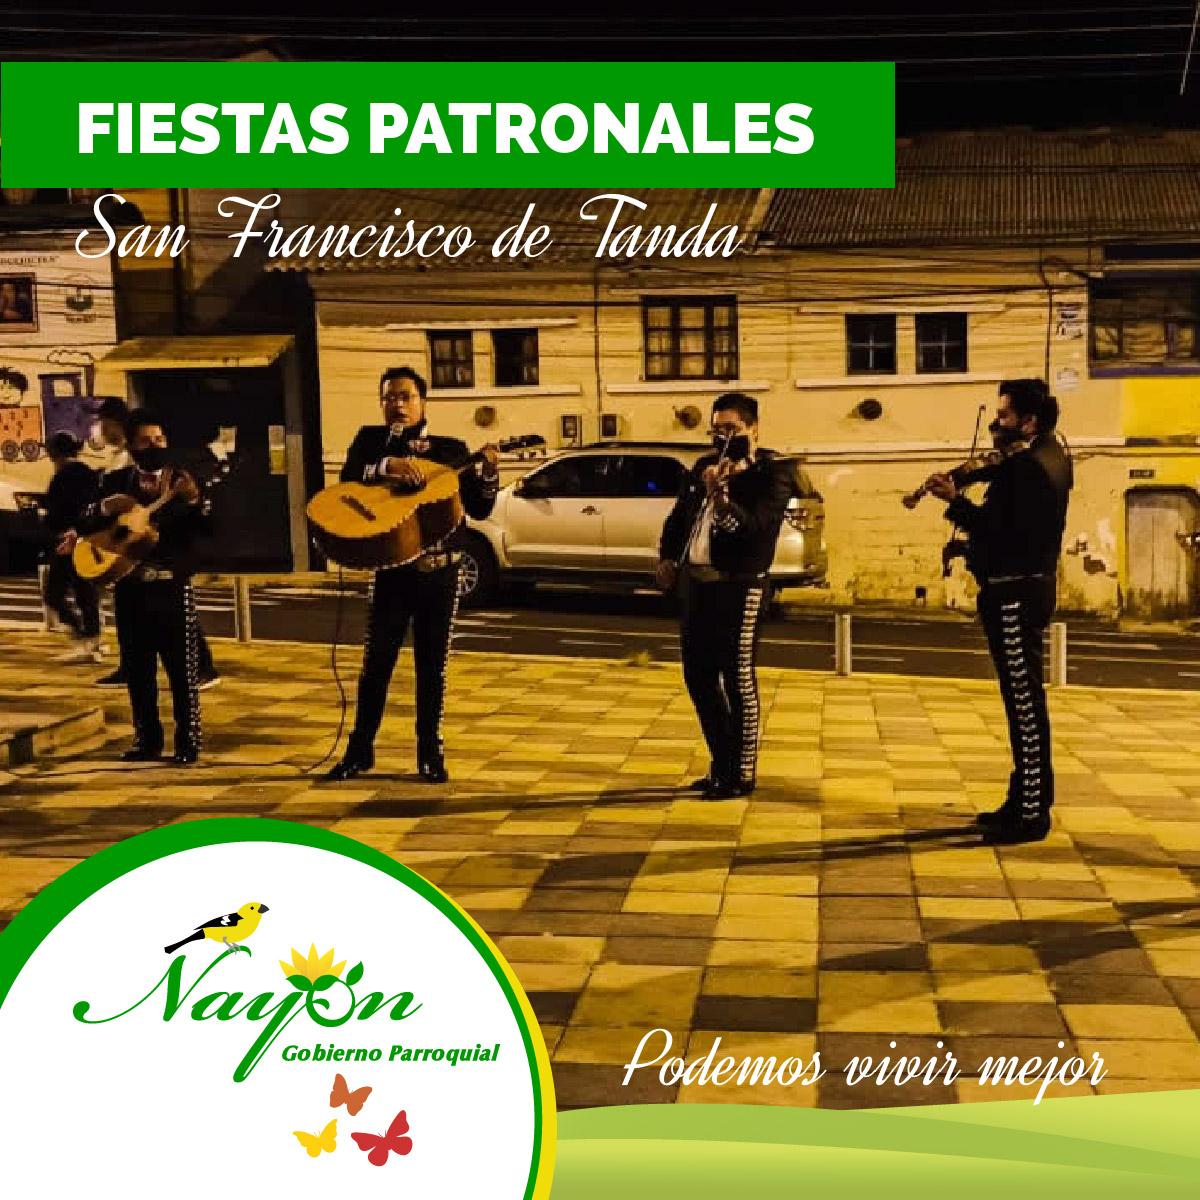 Fiestas PAtronale sSan Francisco de Tanda- Nayón